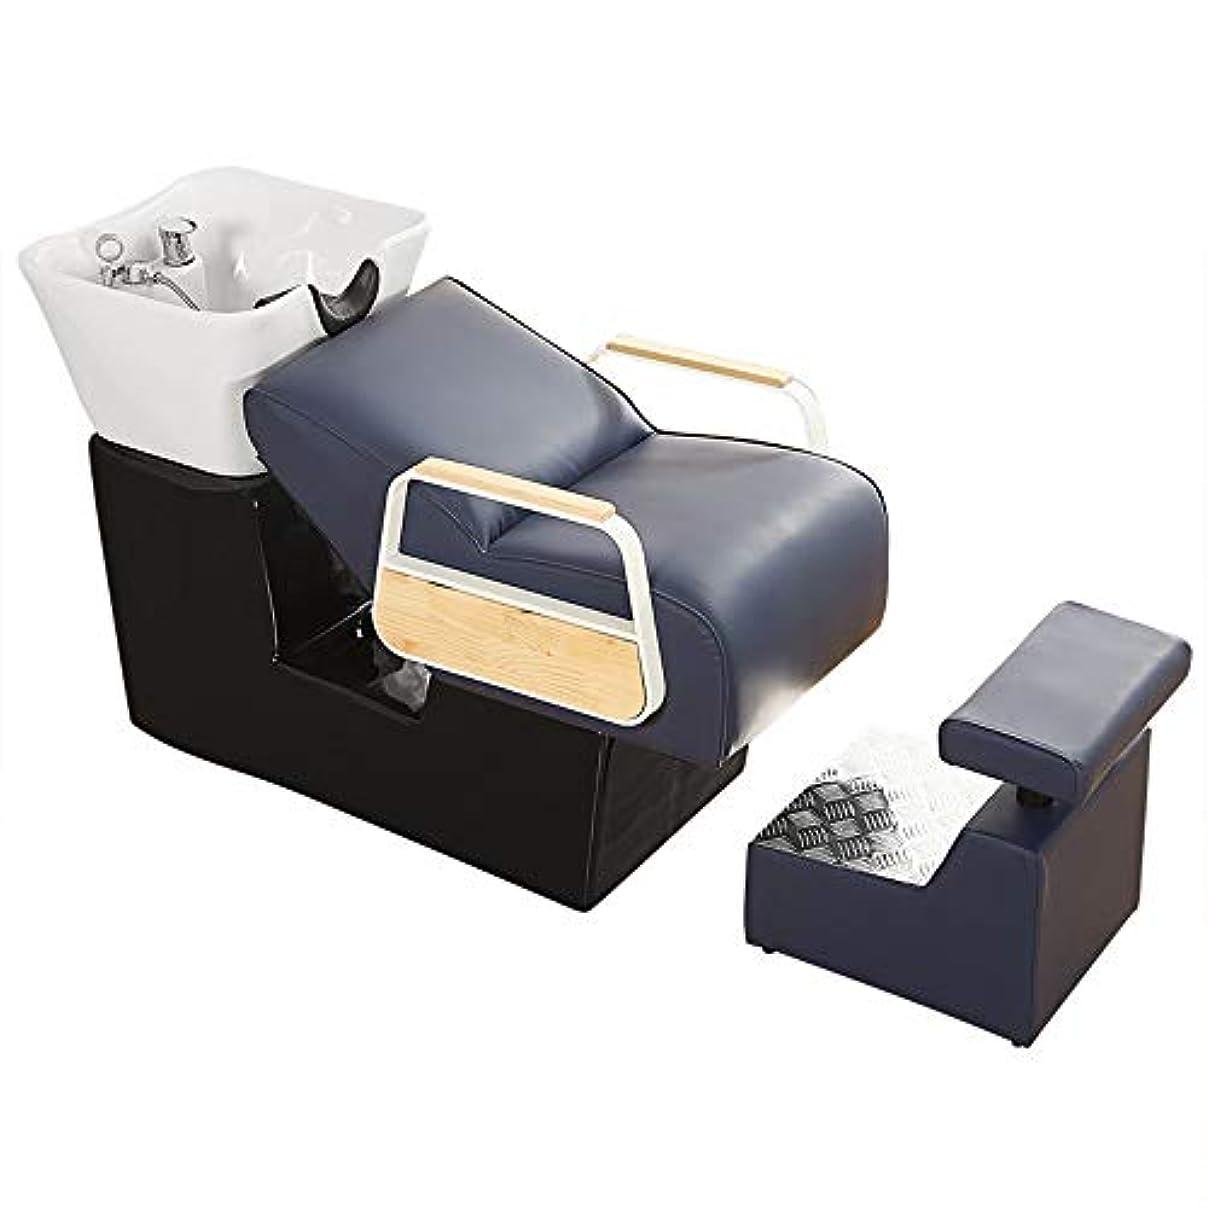 合成暴力的な系統的シャンプーの椅子、逆洗の単位の陶磁器の洗面器の洗面器のための洗面器のボウル理髪シンクの椅子